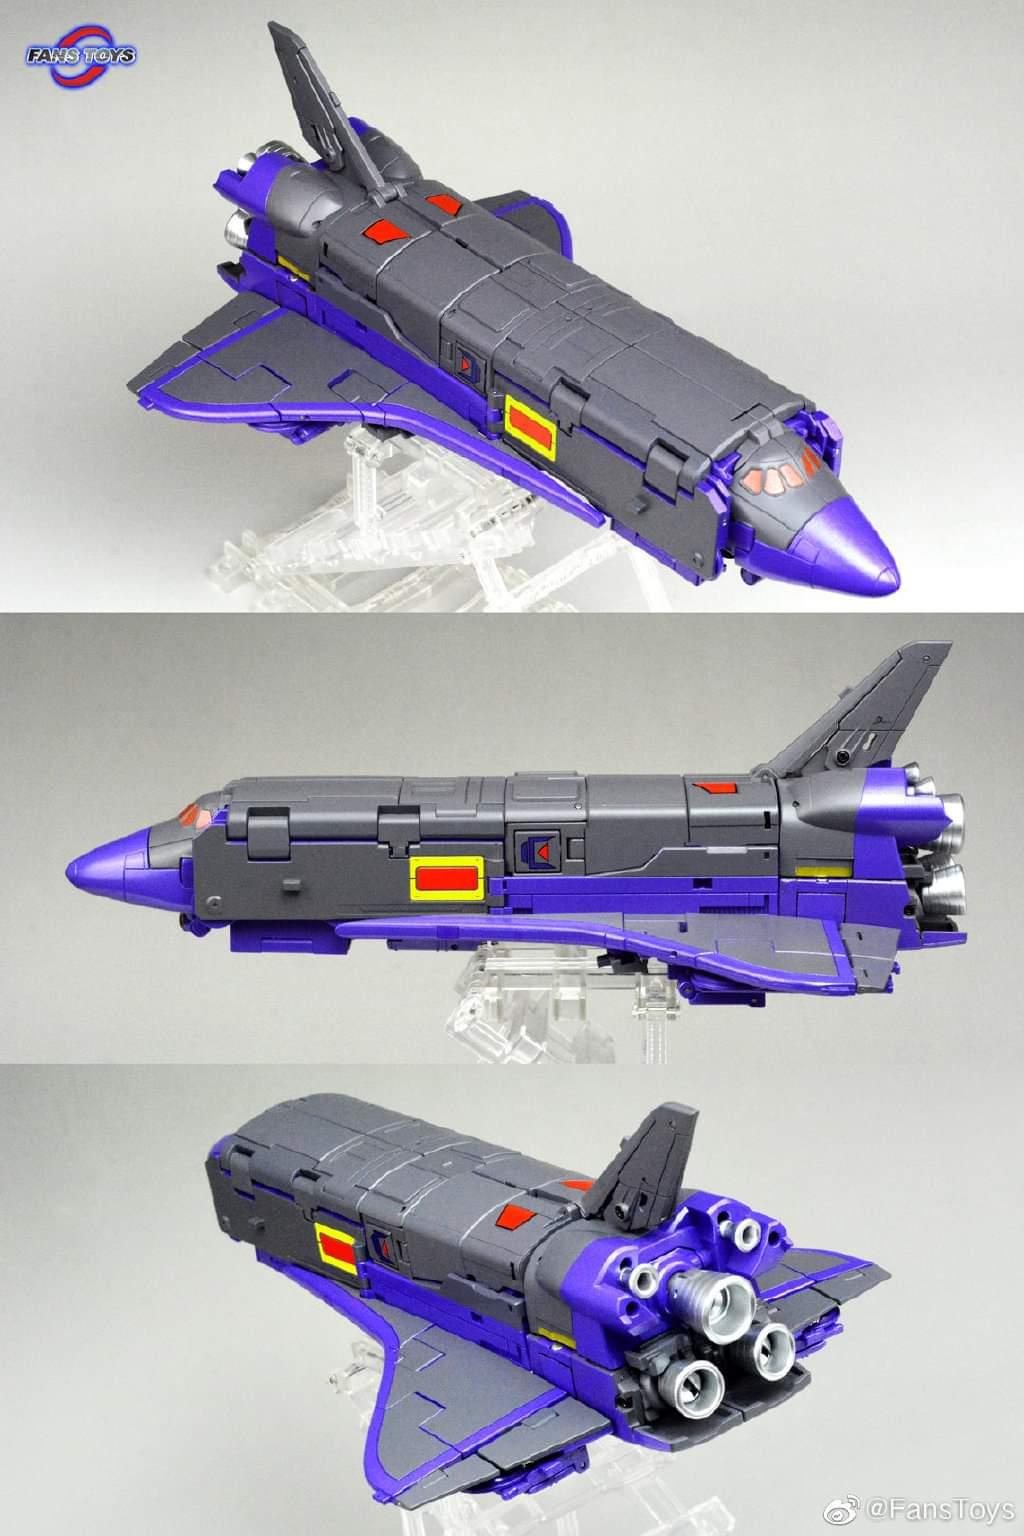 [Fanstoys] Produit Tiers - Jouet FT-44 Thomas - aka Astrotrain UXtjvDLV_o